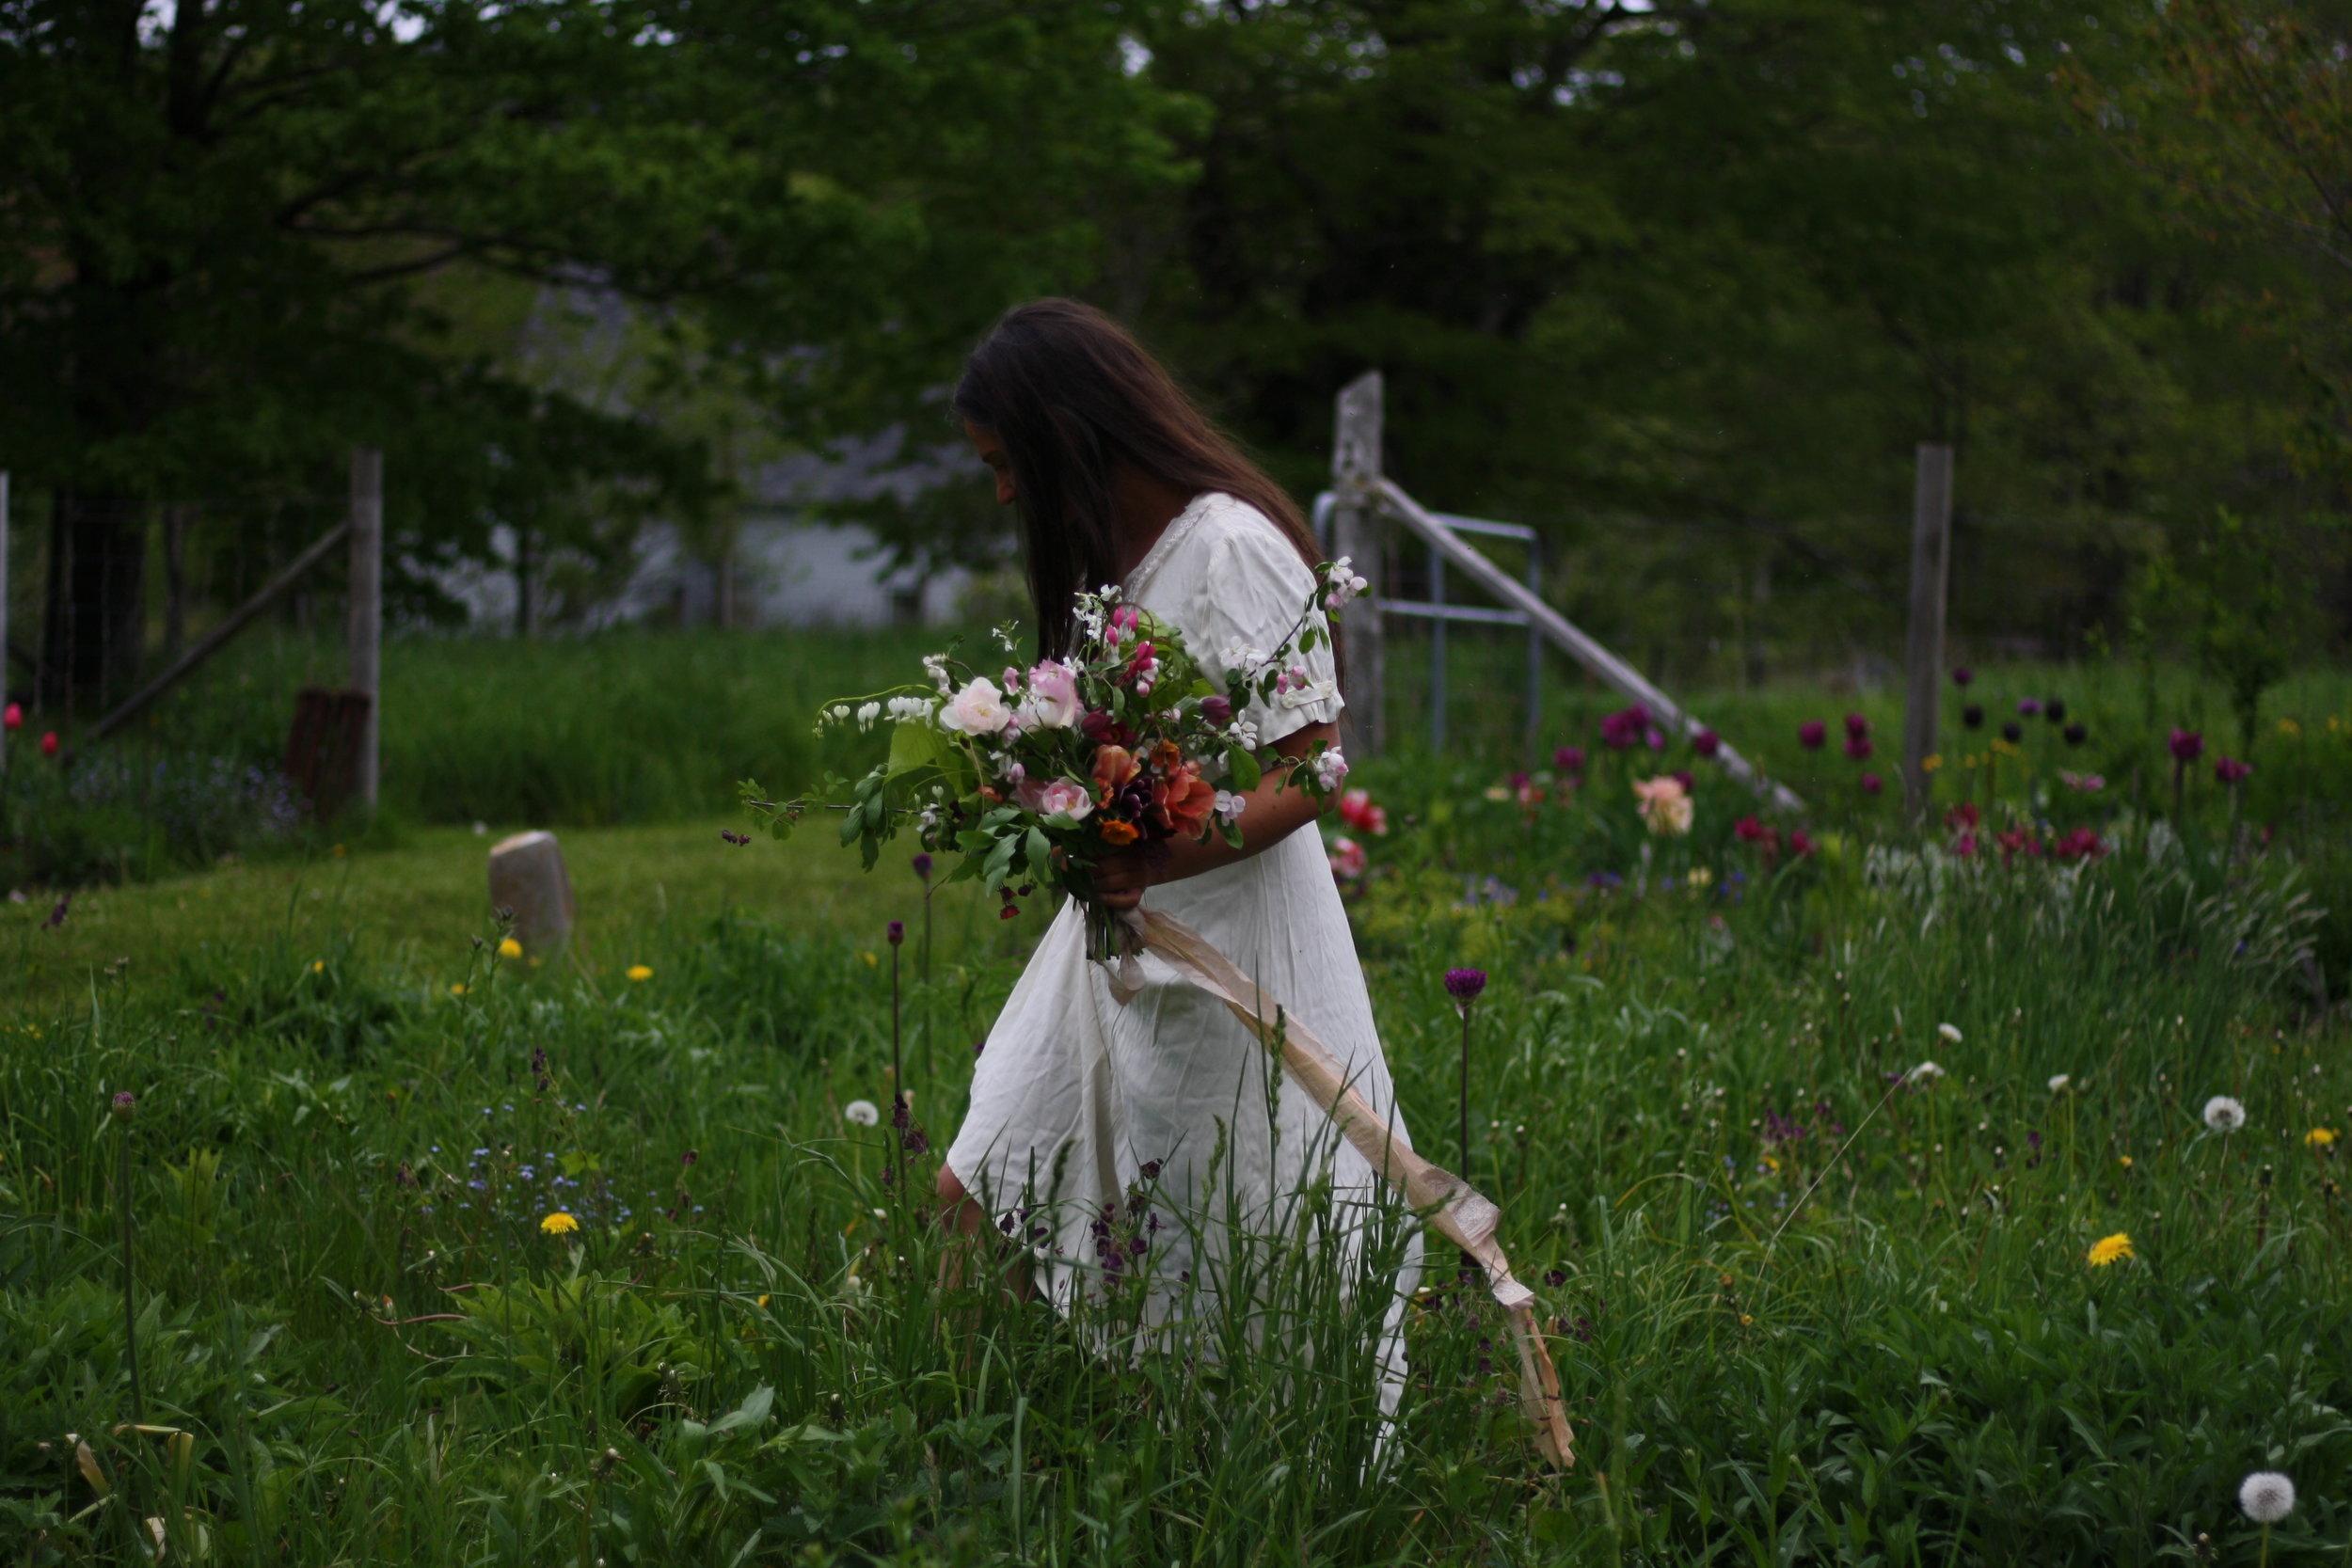 A hedgerow bridal bouquet, Nova Scotia. Spring in the garden.